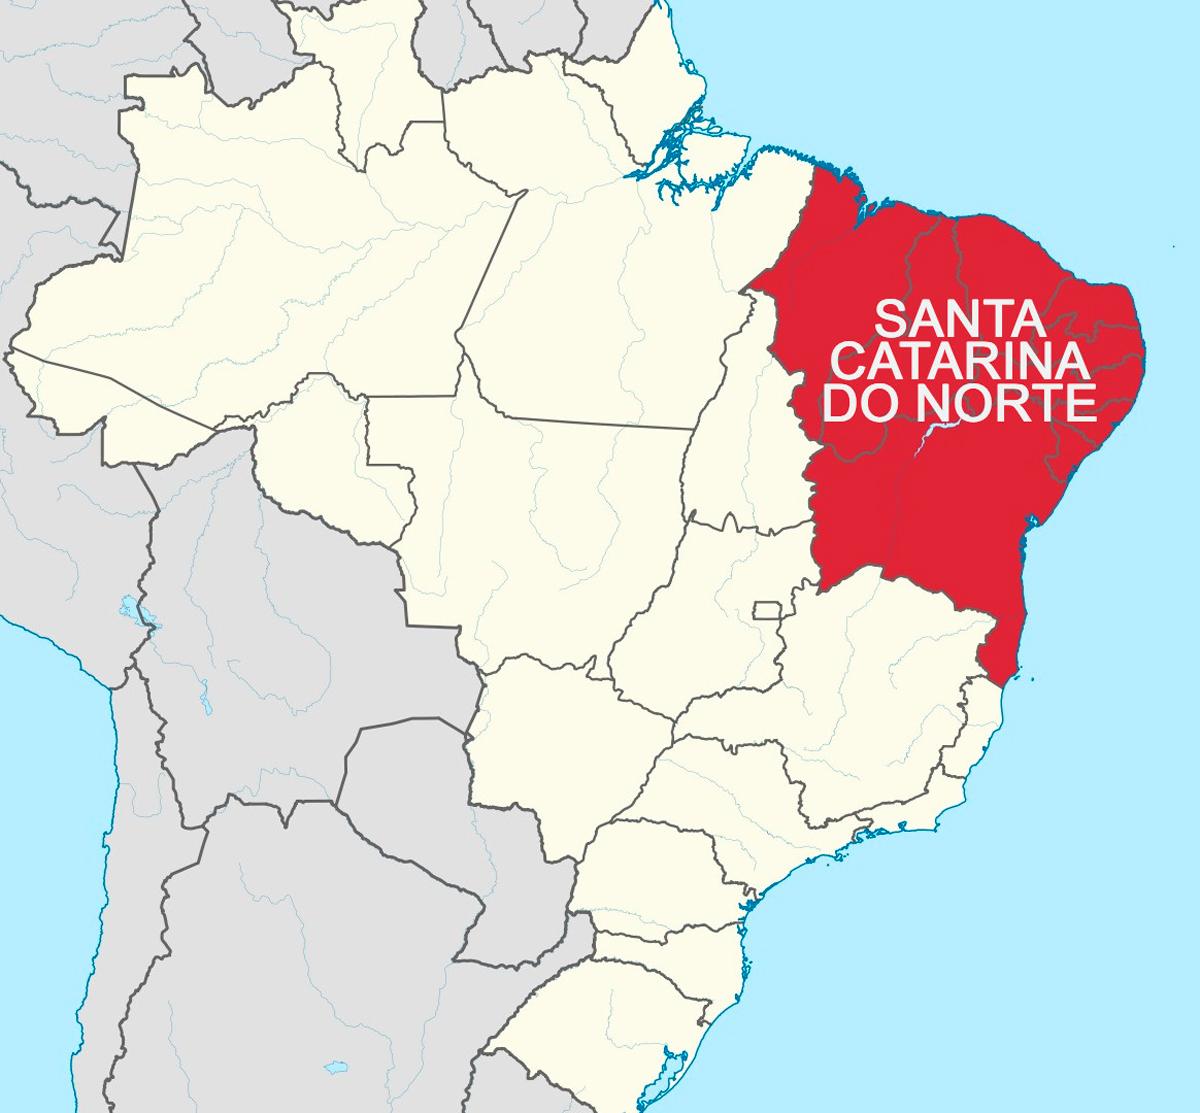 A mudança também trouxe benefícios econômicos à região, que deve receber fábricas de chocolates ligadas ao senador Flavio Bolsonaro